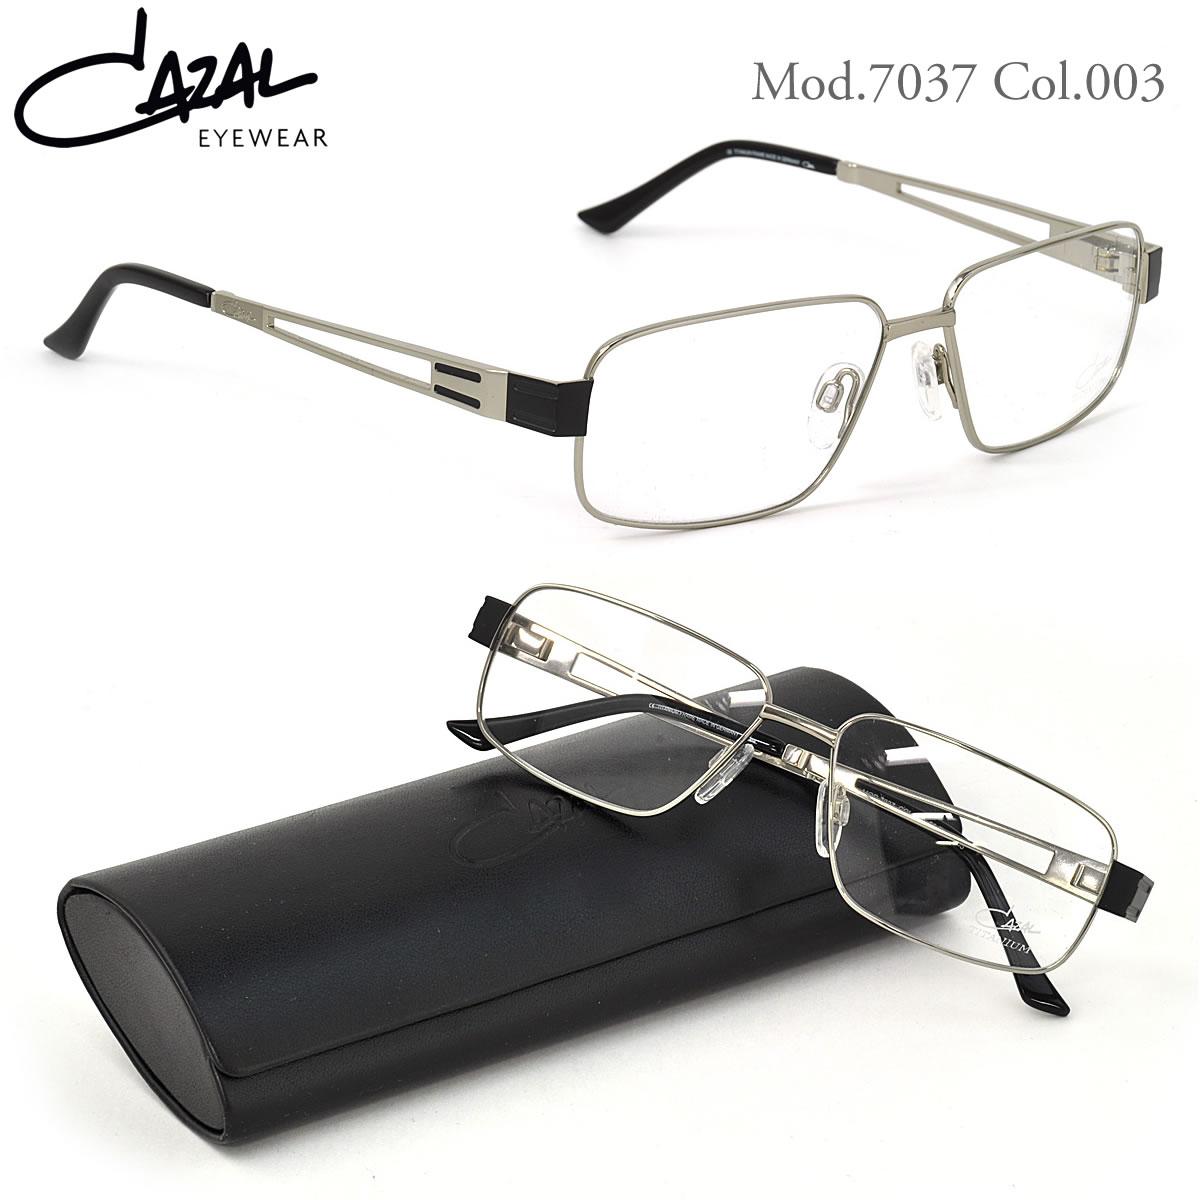 【CAZAL】(カザール) メガネ 7037 003 55サイズ CAZAL 伊達メガネレンズ無料 メンズ レディース:メガネ・サングラスのThat's